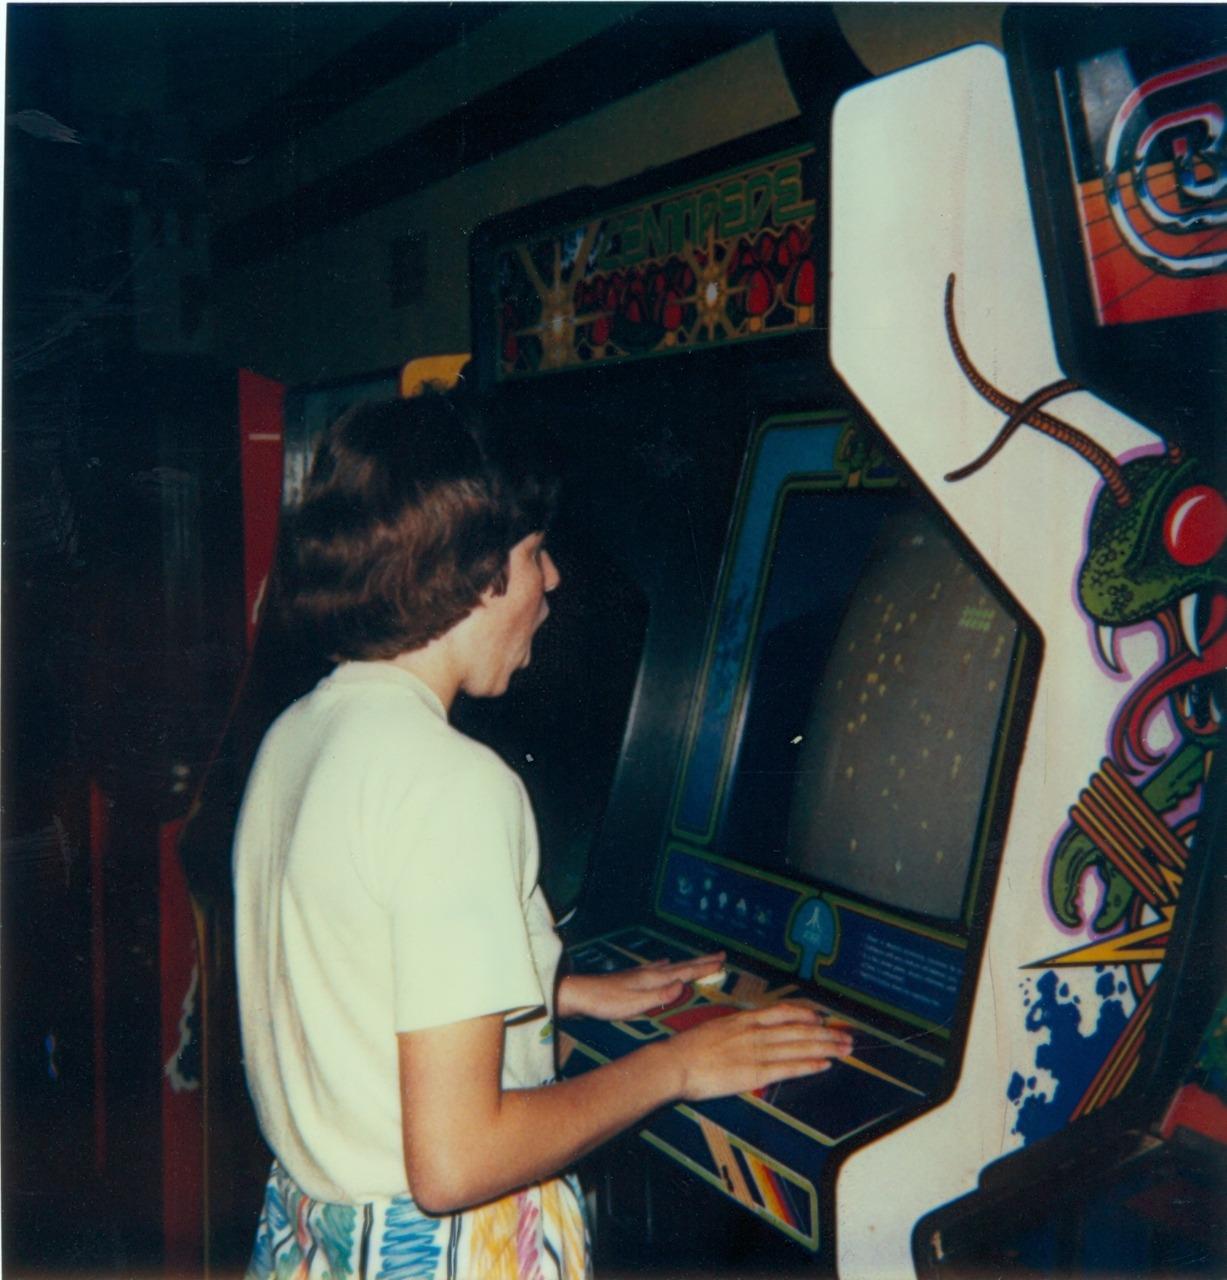 [Nostalgie] Vos photos d'époque ! - Page 2 Tumblr_kysjmpkH491qz5hcoo1_1280